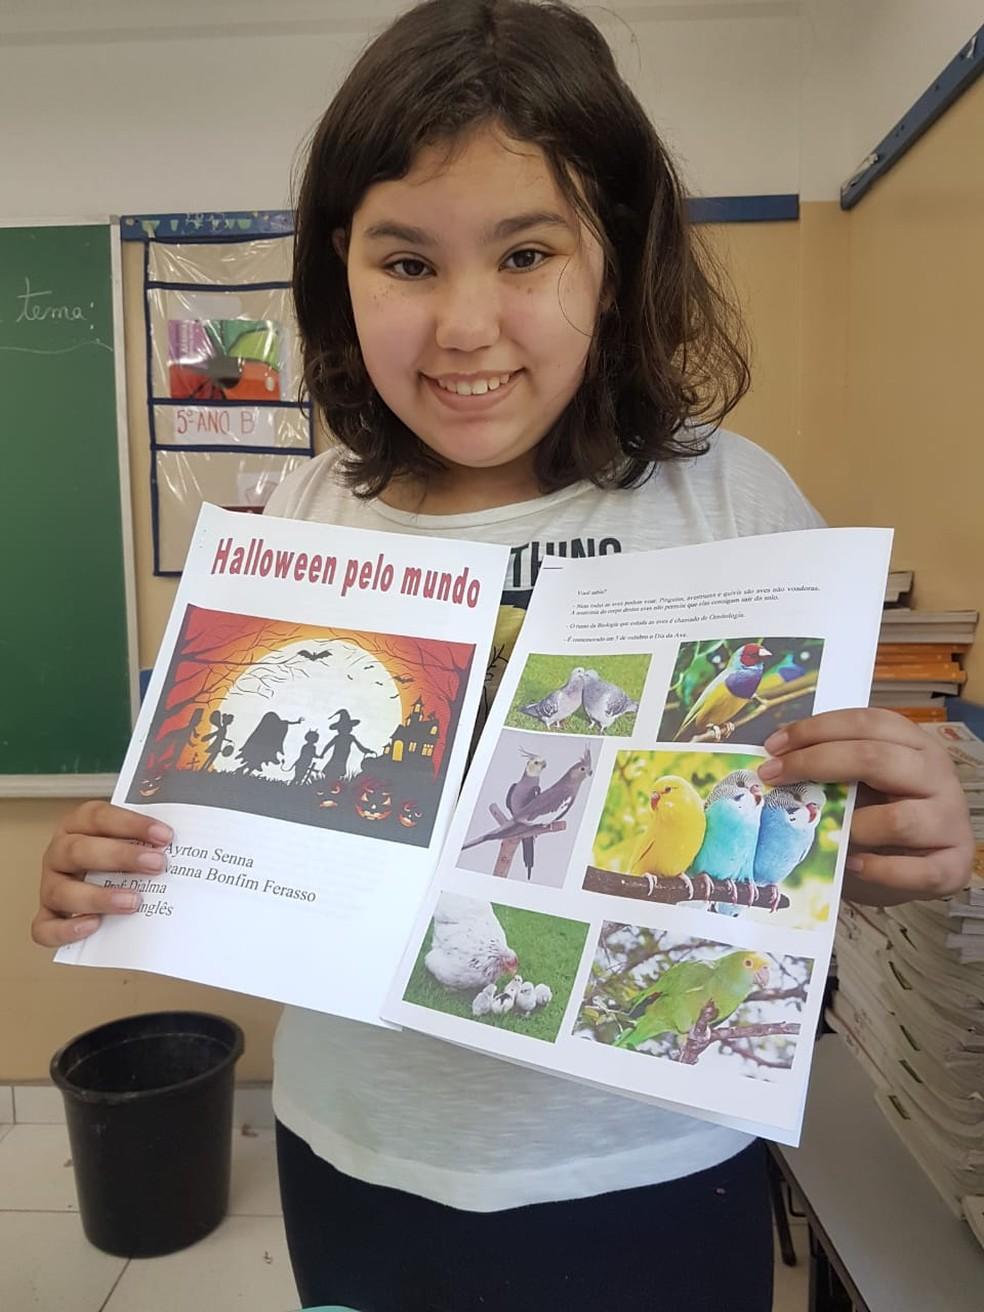 Giovanna foi acolhida pelos colegas e professores, mas ainda não tem uma professora assistente na nova escola — Foto: Arquivo pessoal